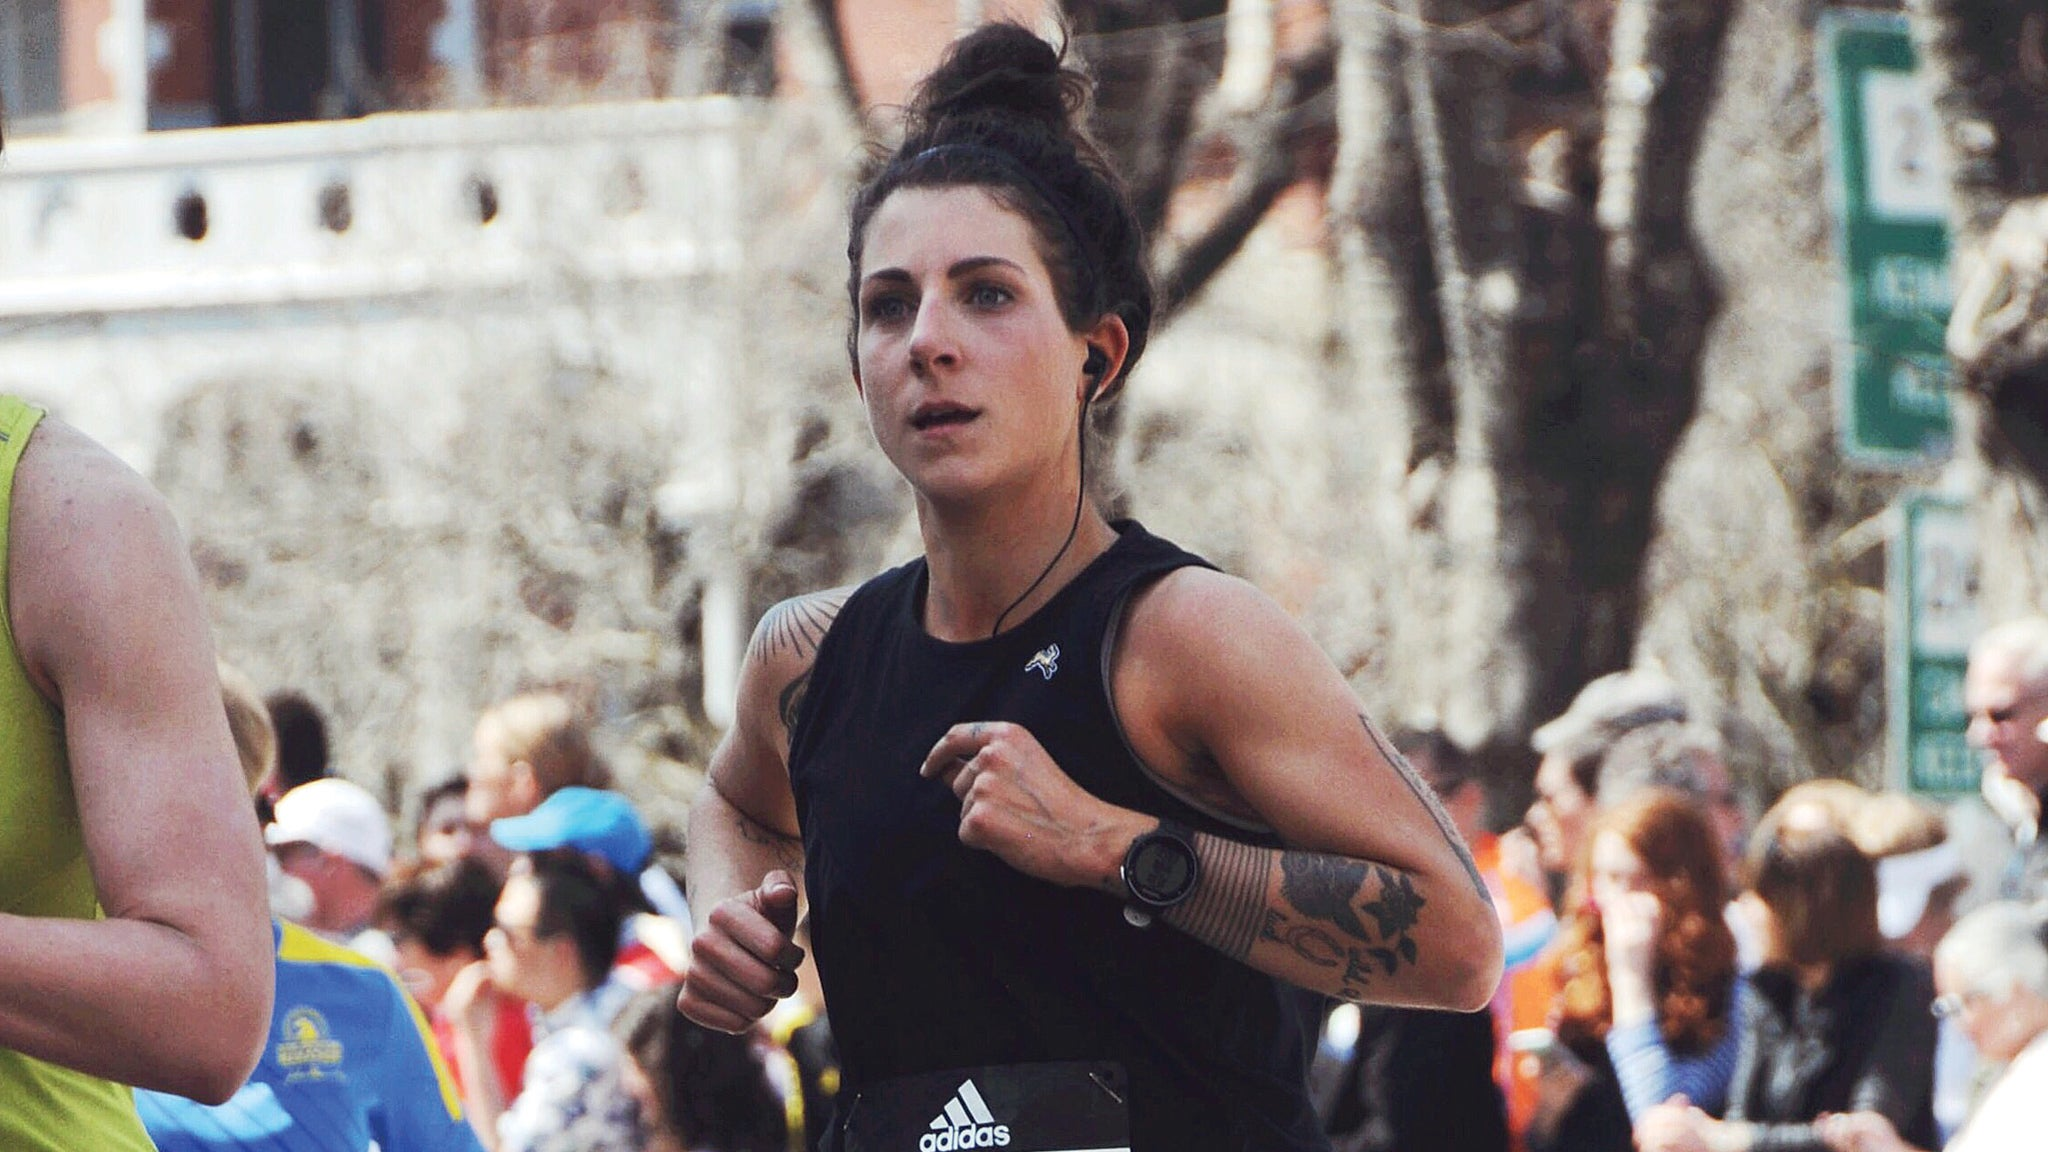 Alice runs in the Boston Marathon